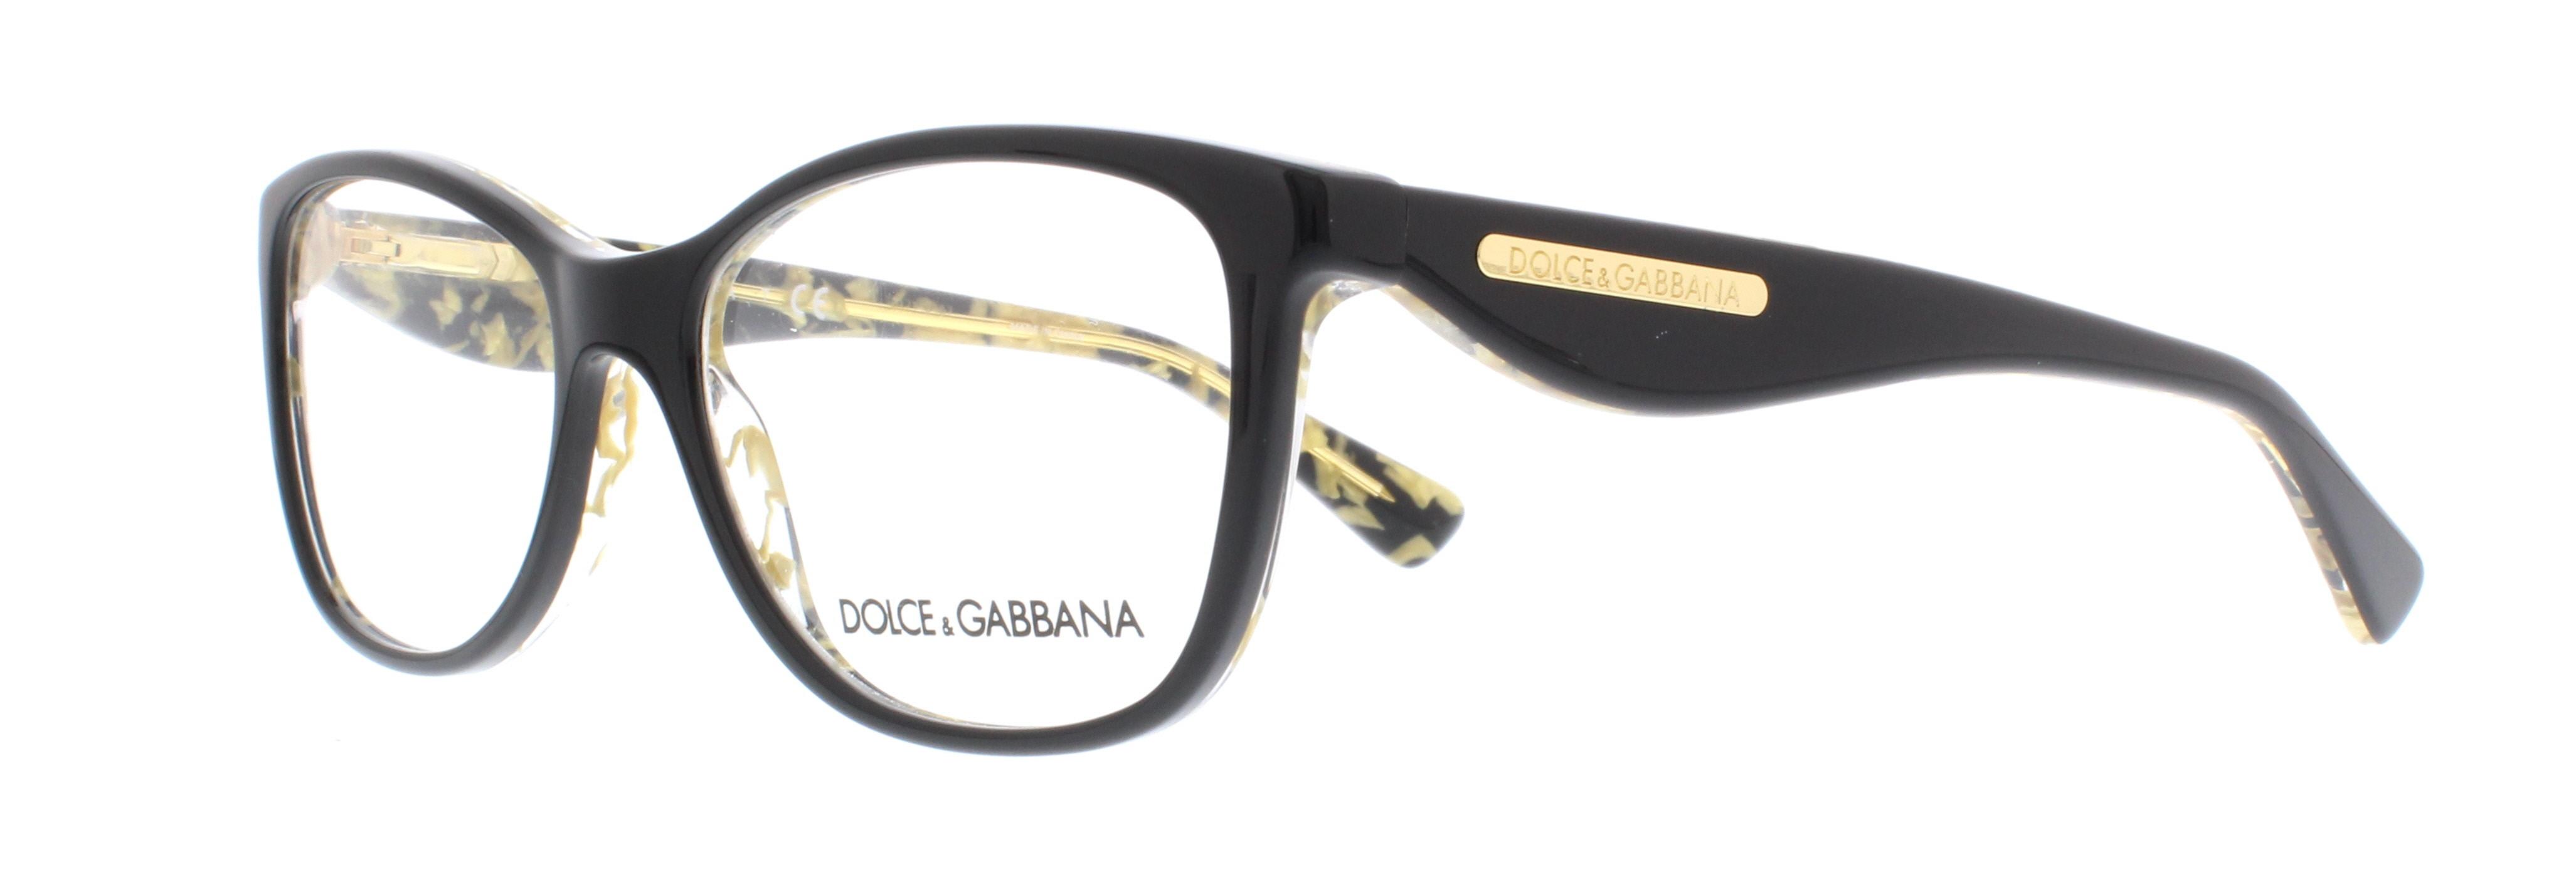 Designer Frames Outlet. Dolce & Gabbana DG3174